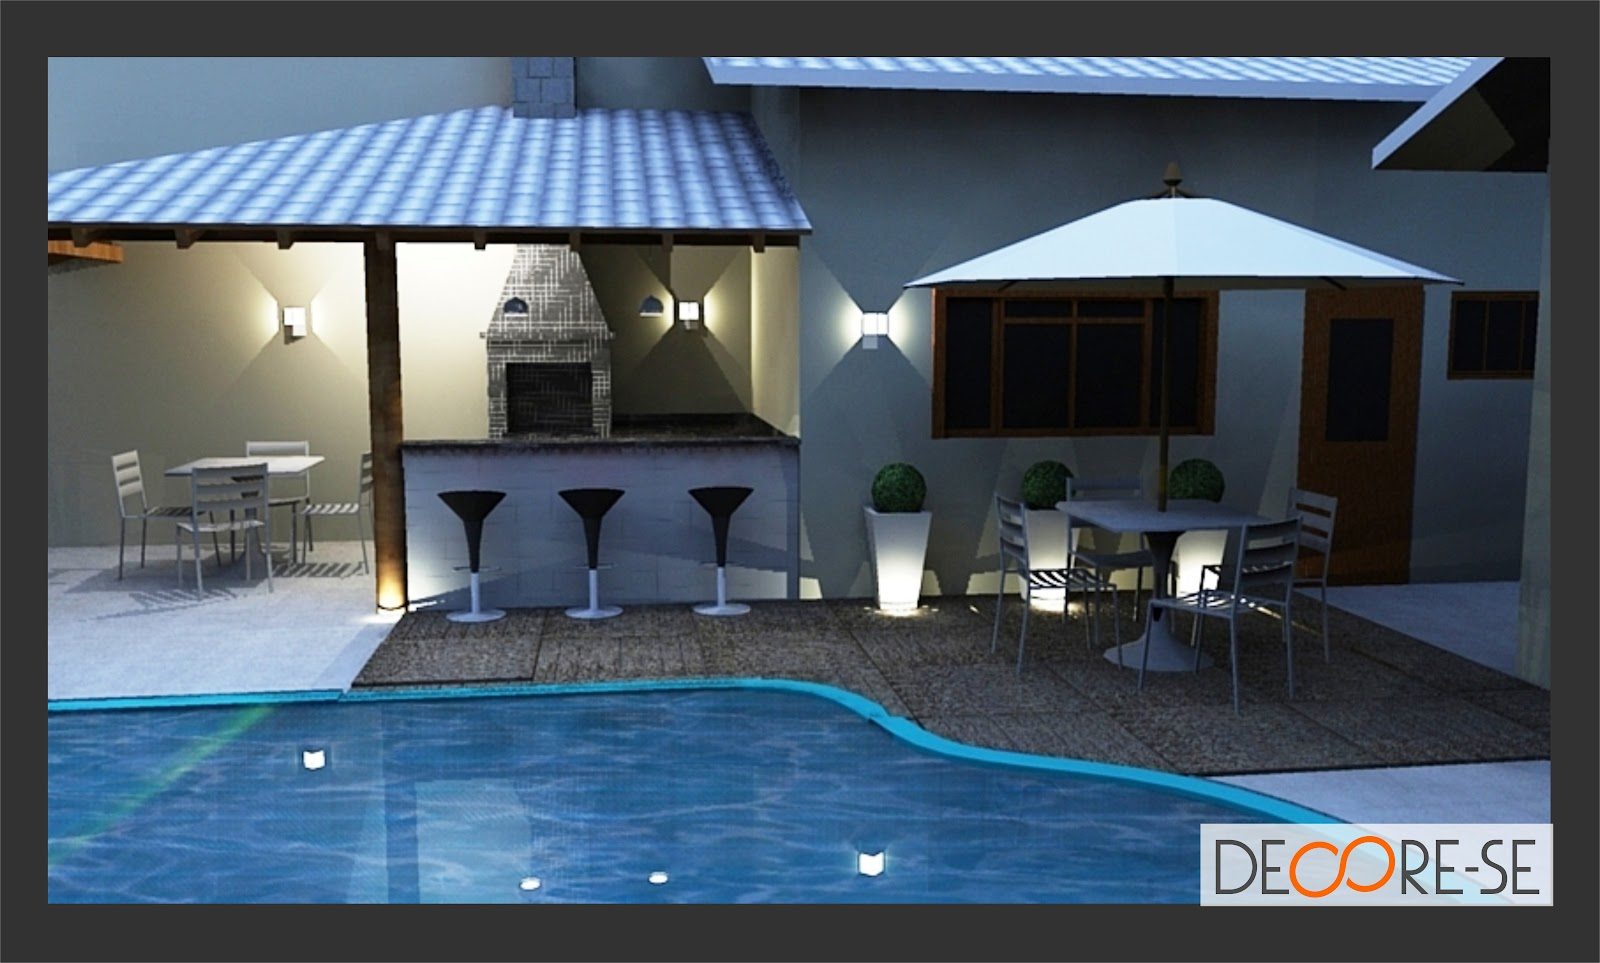 Reforma de Interiores e Projeto de Iluminação Área de Lazer #2D639E 1600 963